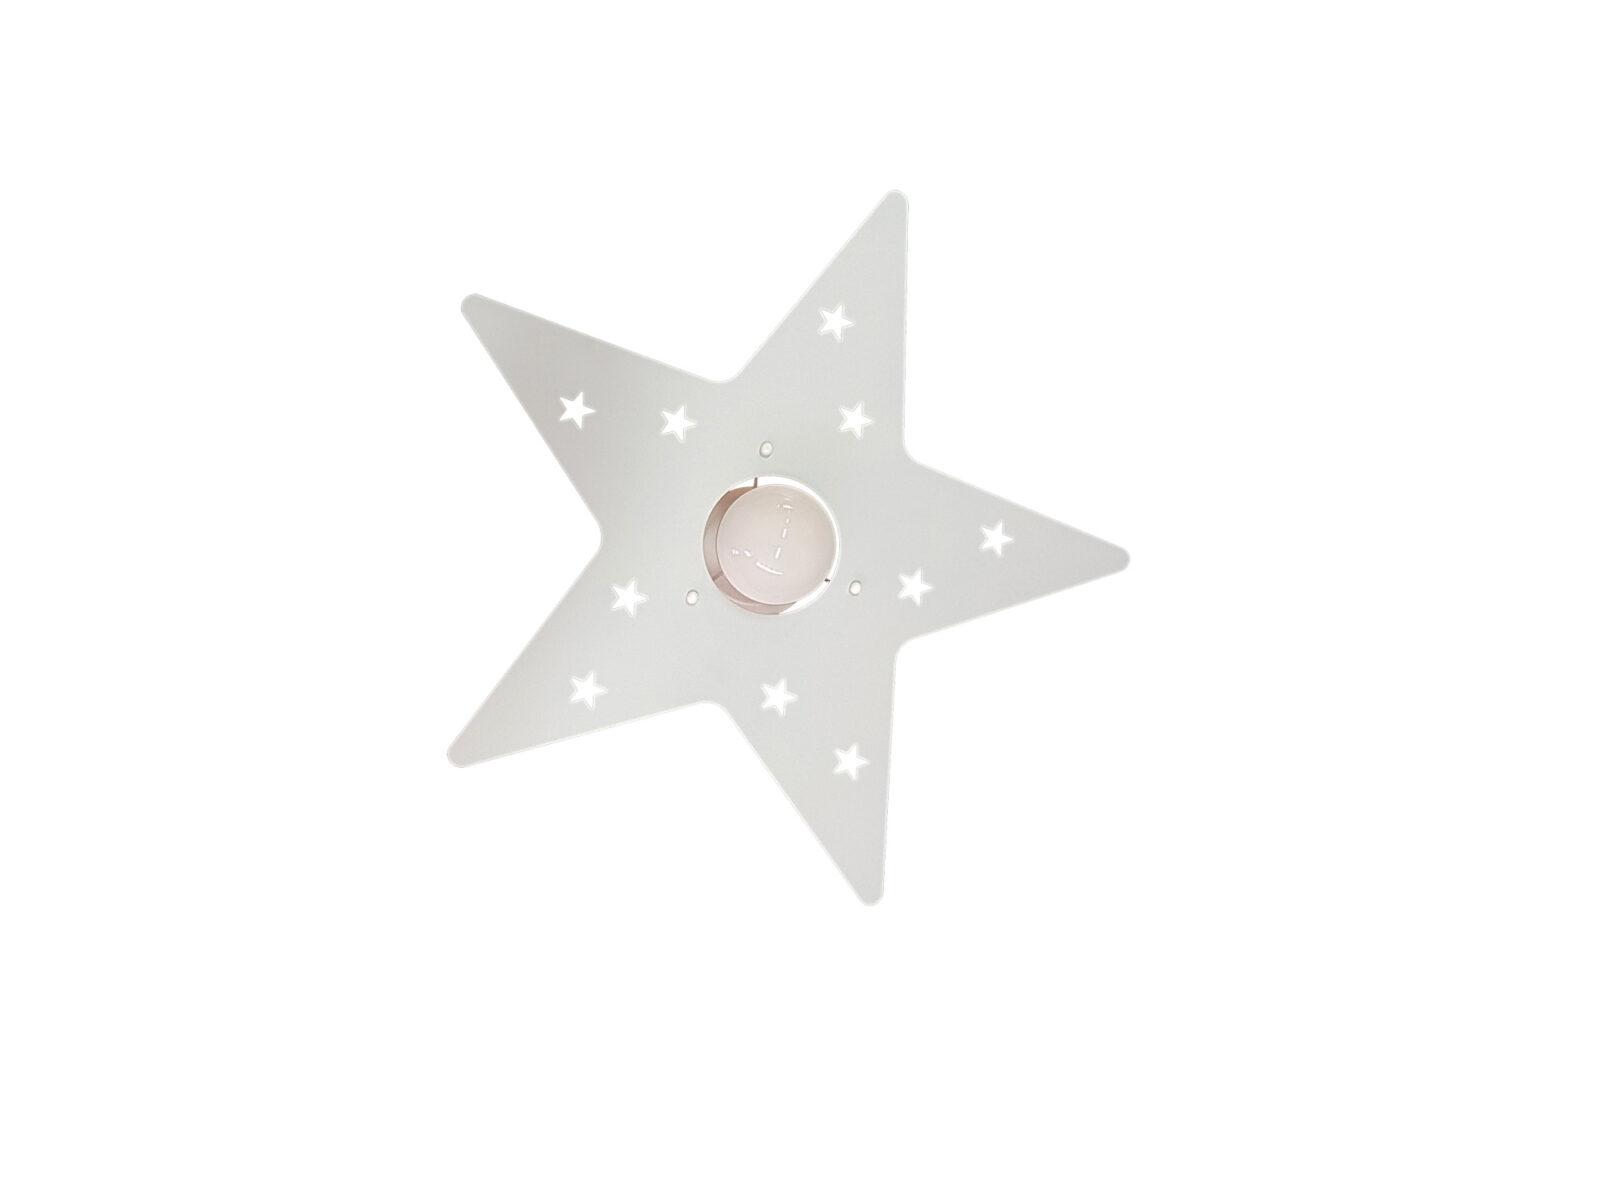 Plafoniere Camerette Ragazzi : Plafoniera lampadario stella bianco camerette bambini la luce